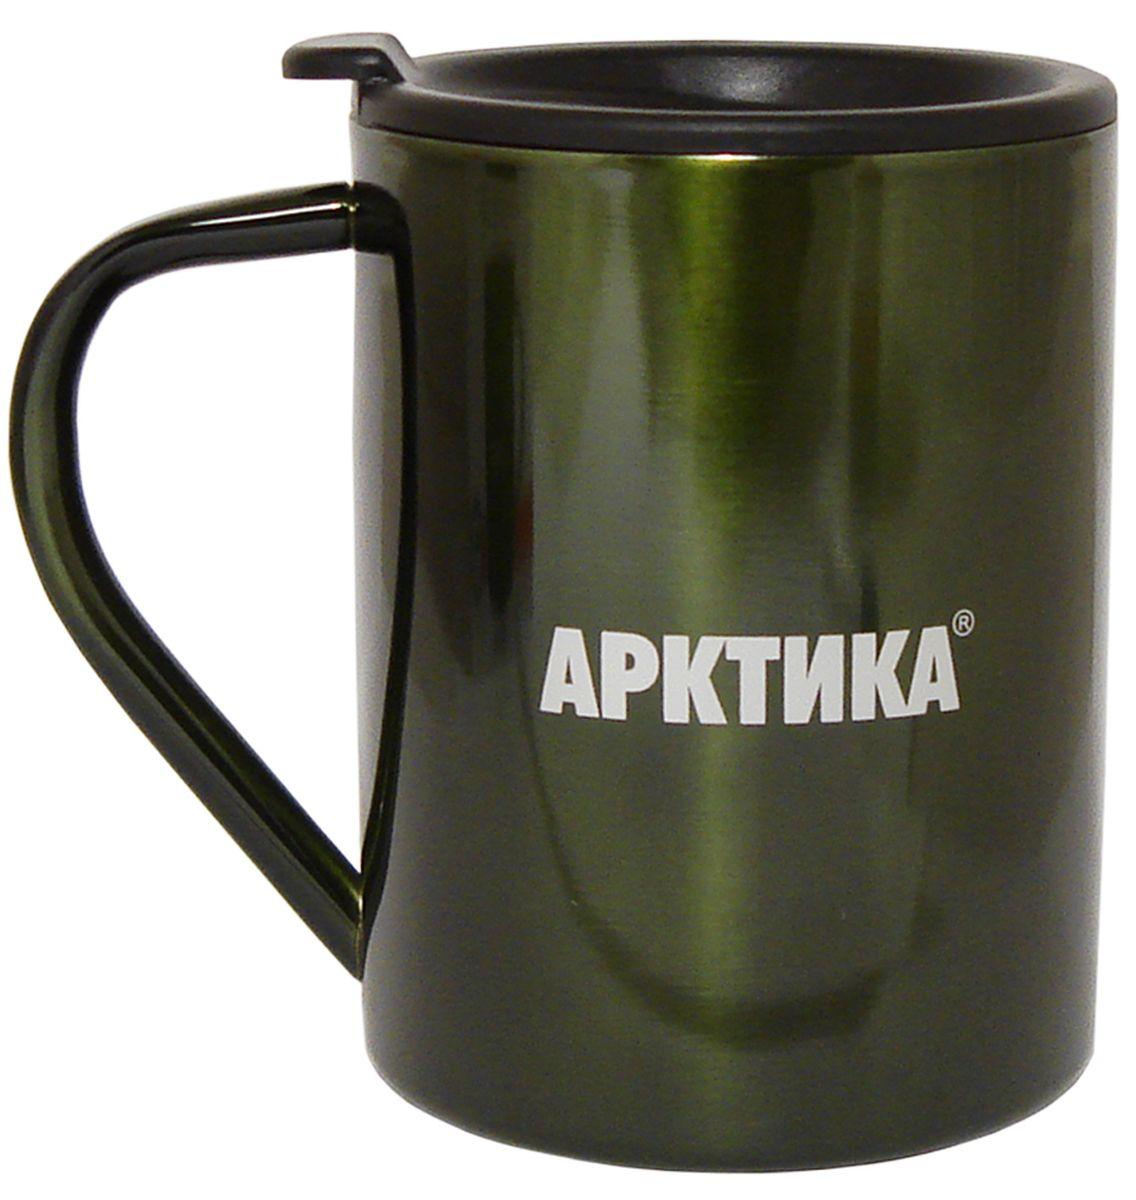 Термокружка Арктика, цвет: болотный, 0,4 л802-400 болотнаяТермокружка Арктика – универсальна, она одинаково хороша и при использовании дома, если Вы любите растягивать удовольствие от напитка и Вам не нравится, что он так быстро остывает, и на даче, где такая посуда особенно впору в силу своей прочности, долговечности и практичности – ею приятно пользоваться, ведь она не обжигает руки, ее легко мыть, можно не бояться уронить термокружку Арктика, нержавеющая сталь равнодушно выдержит любые удары судьбы. Крышка с отверстием, поставляемая в комплекте плотно фиксируется на термокружке. Помимо той очевидной выгоды, что напиток не будет разливаться, Вы можете быть уверены, что в жаркий летний день любопытные насекомые не смогут позариться на содержимоетермокружки. Русская компания Арктика выпускает термопосуду для российского рынка – Вы не платите за растаможку товара и огромные транспортные наценки, поэтому цена натермокружки Арктика более чем адекватна, что не может не радовать